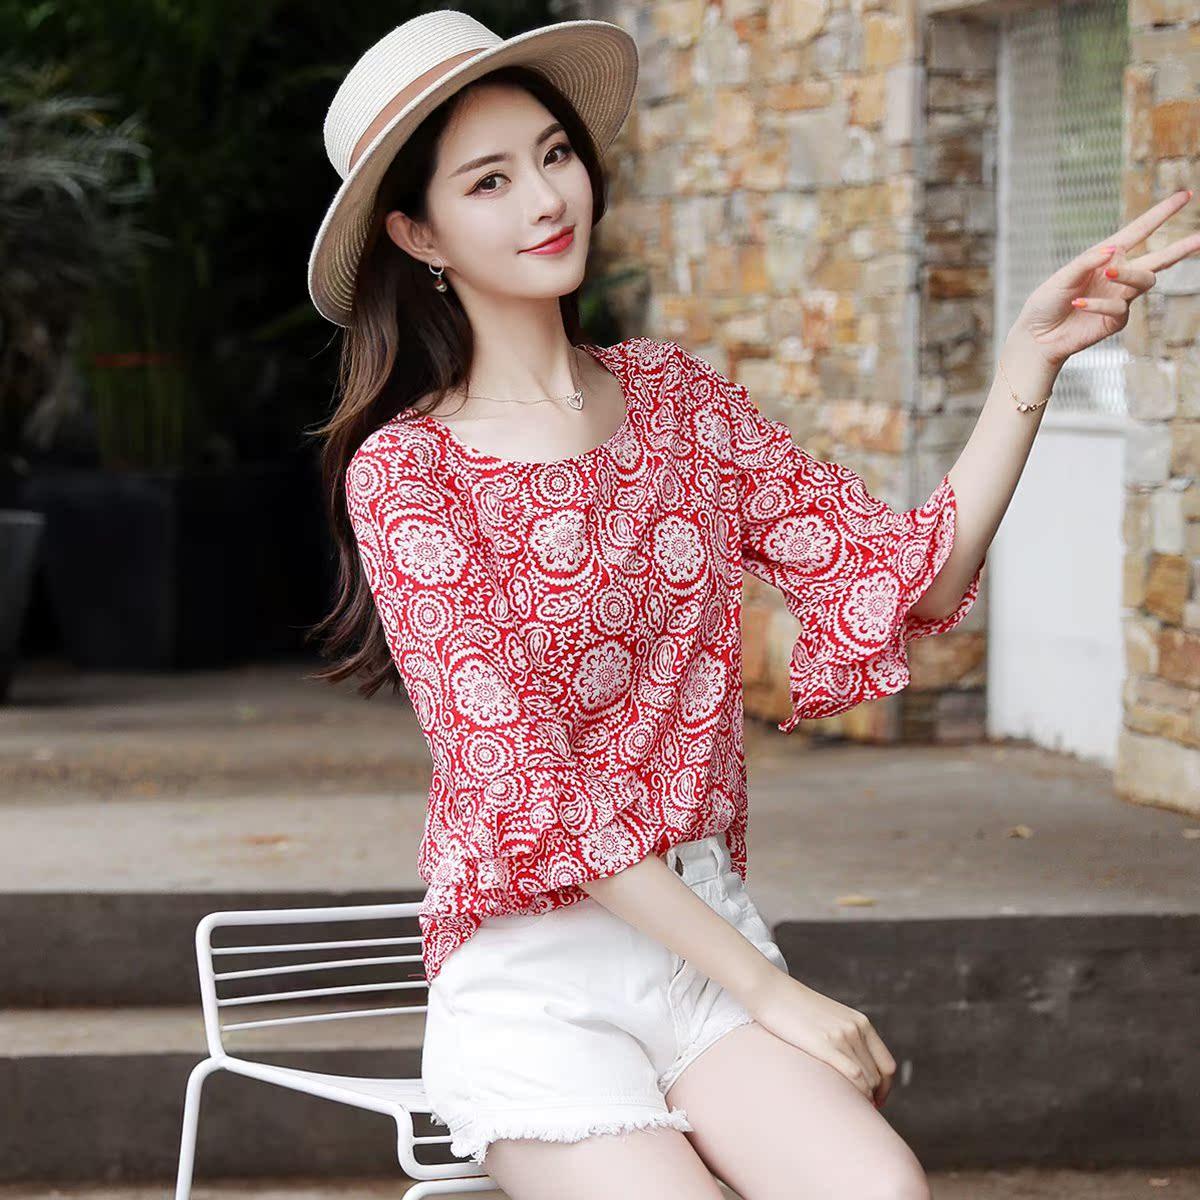 雪纺衫短袖女夏季2018新款修身遮肚子洋气小衫女波点碎花上衣女装